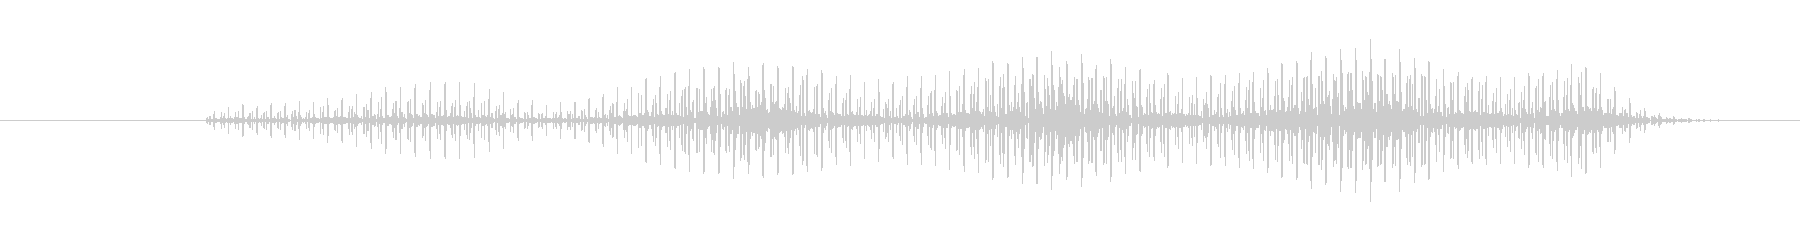 FI 実用性 スキャナーウォブルハイ03の未再生の波形